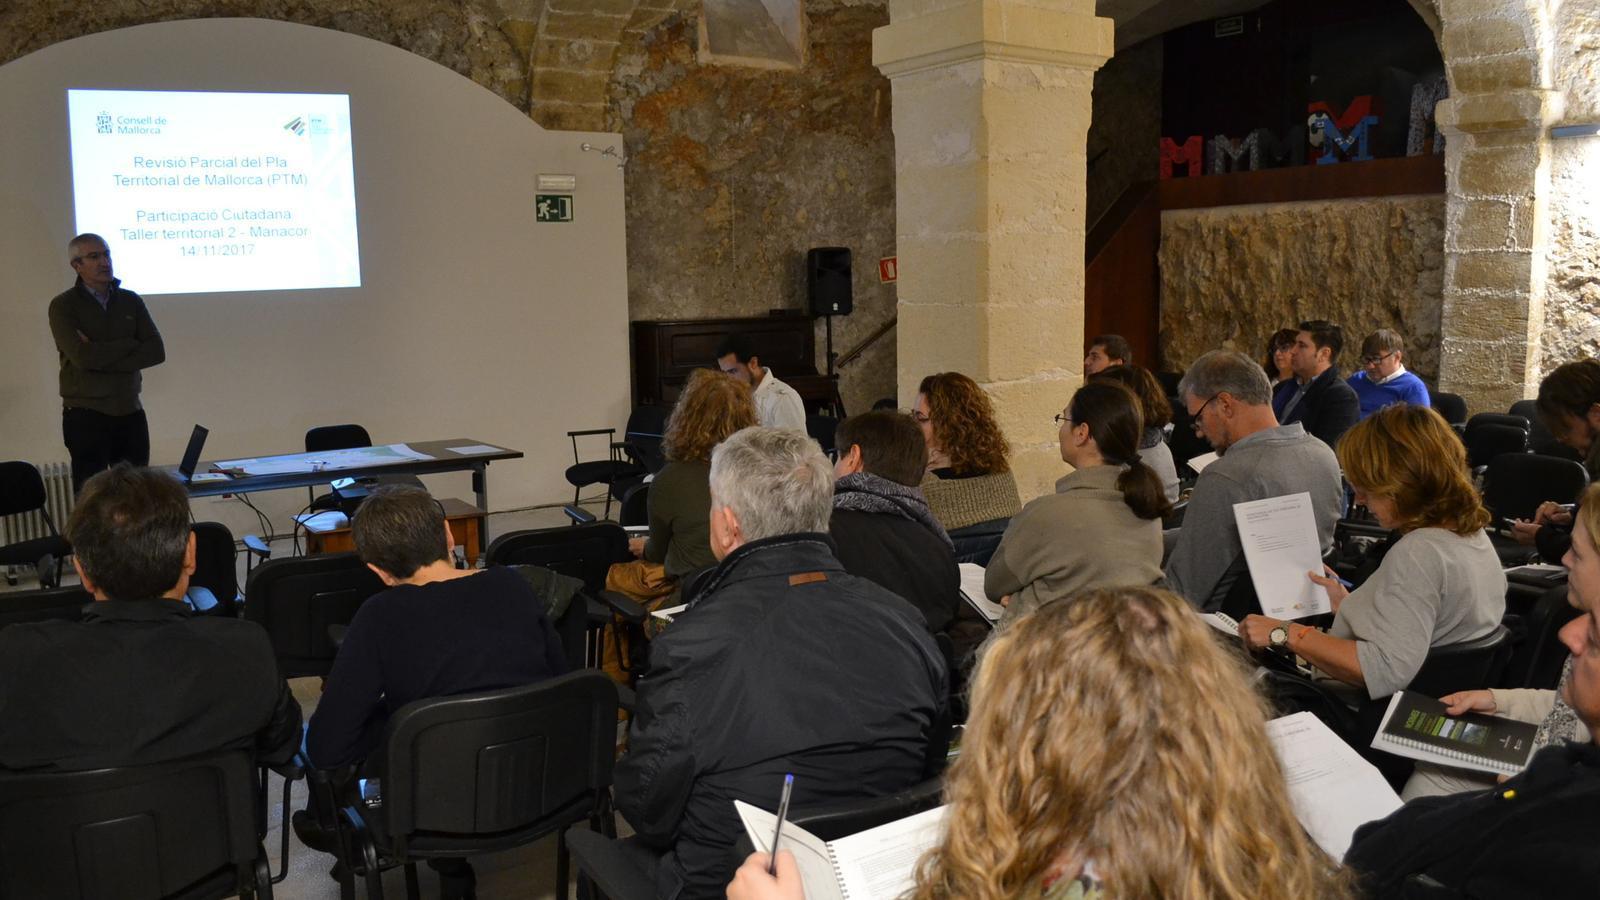 Reunió de professionals i polítics sobre els canvis en el PTM a la Institució Mossèn Alcover de Manacor.